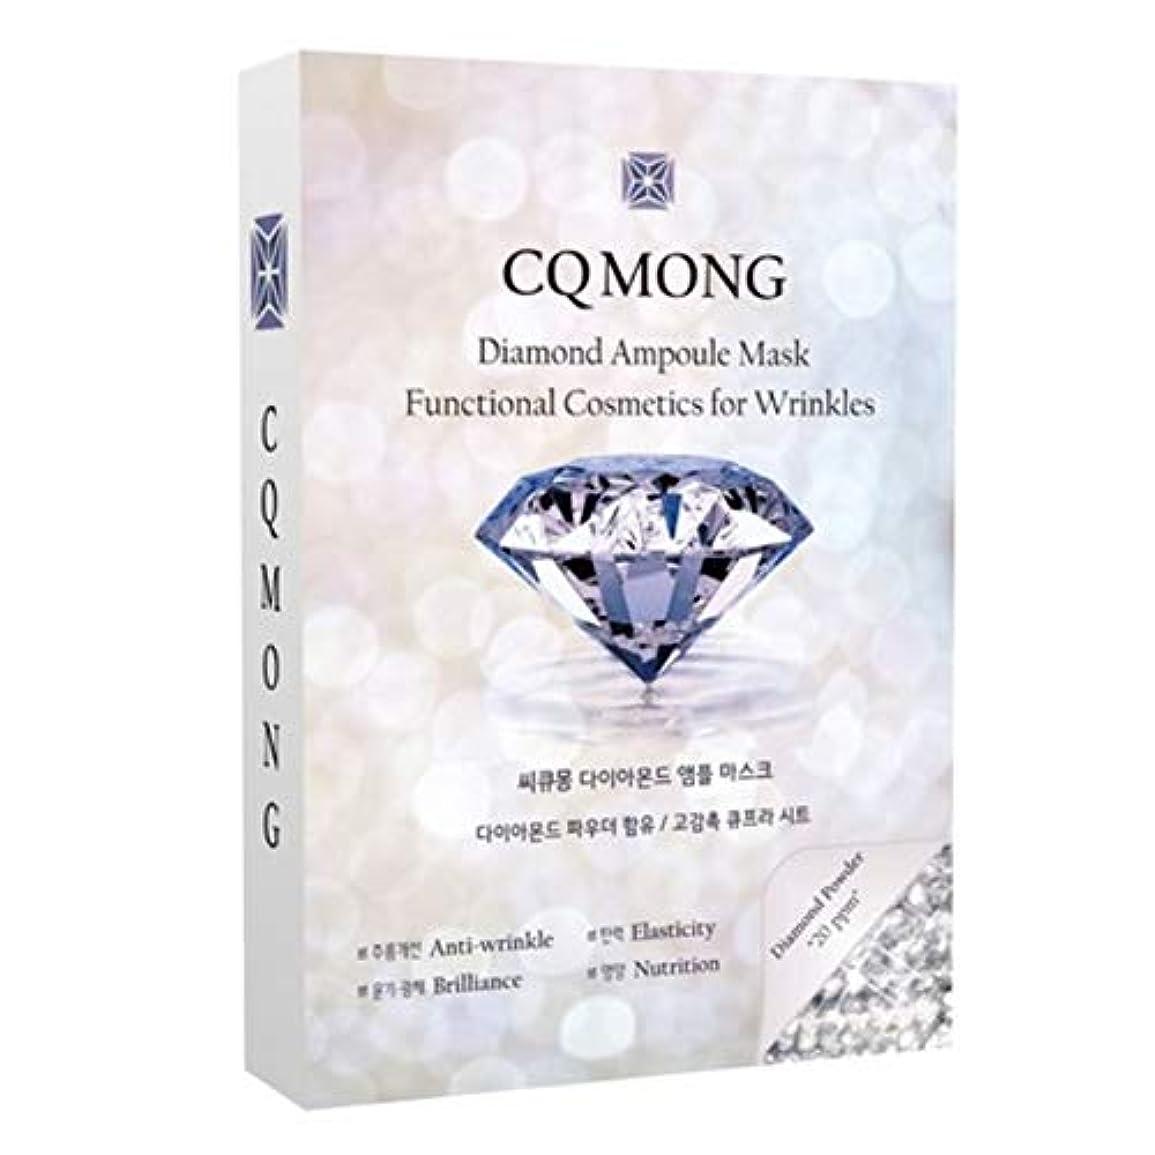 酔って割合構築するCQMONG Diamond ampoule Mask 男女共用 マスクパック 1ボックス(10枚)[海外直送品]